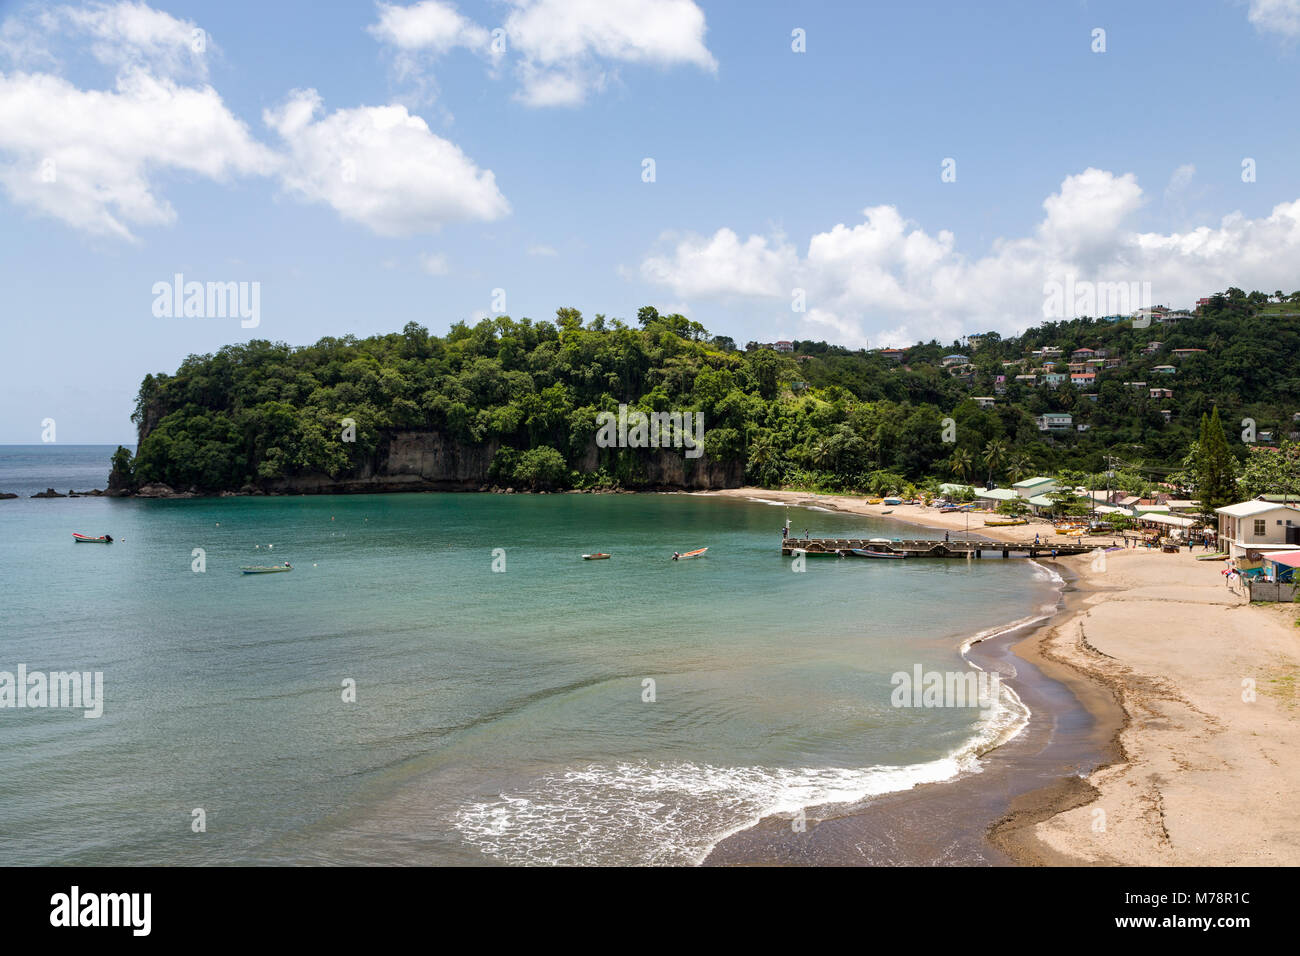 La plage de Anse la Raye, Sainte-Lucie, îles du Vent (Antilles Caraïbes, Amérique Centrale Photo Stock